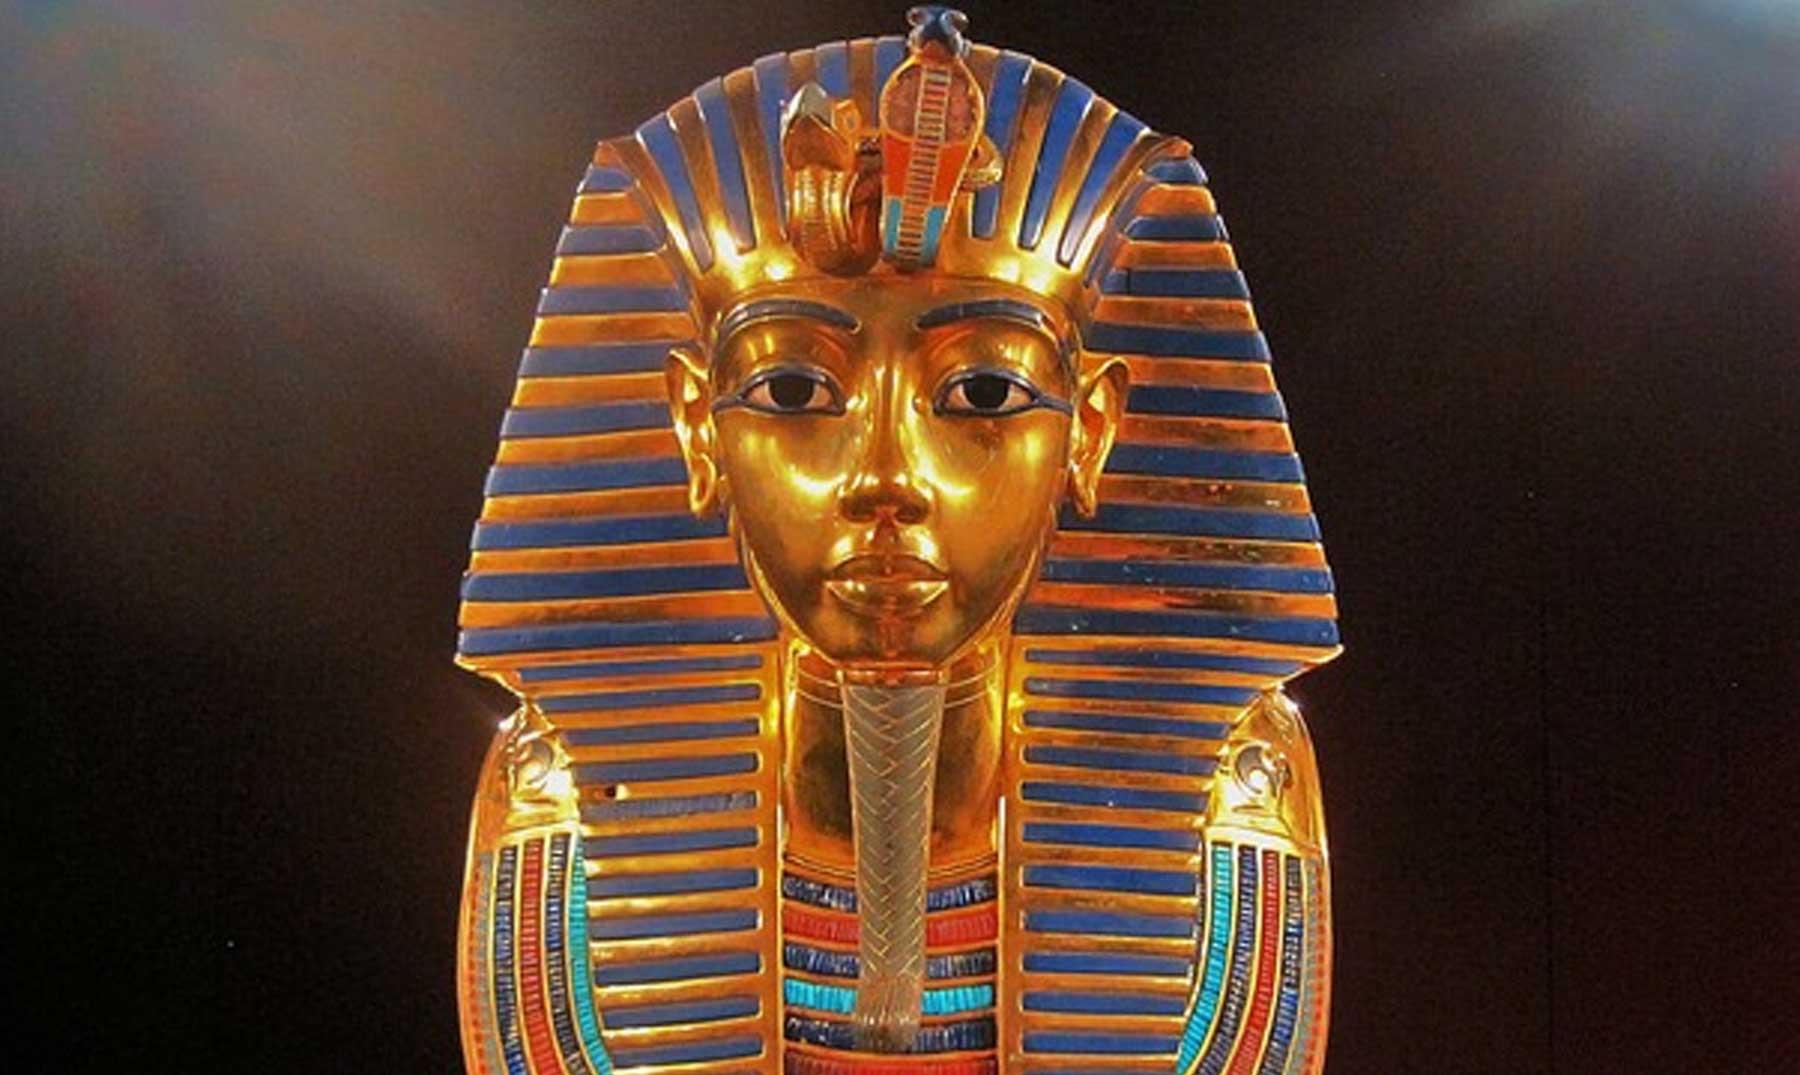 Mister antic elucidat: de ce a fost Tutankhamon îngropat cu penisul în erecţie? - univegaconstruct.ro